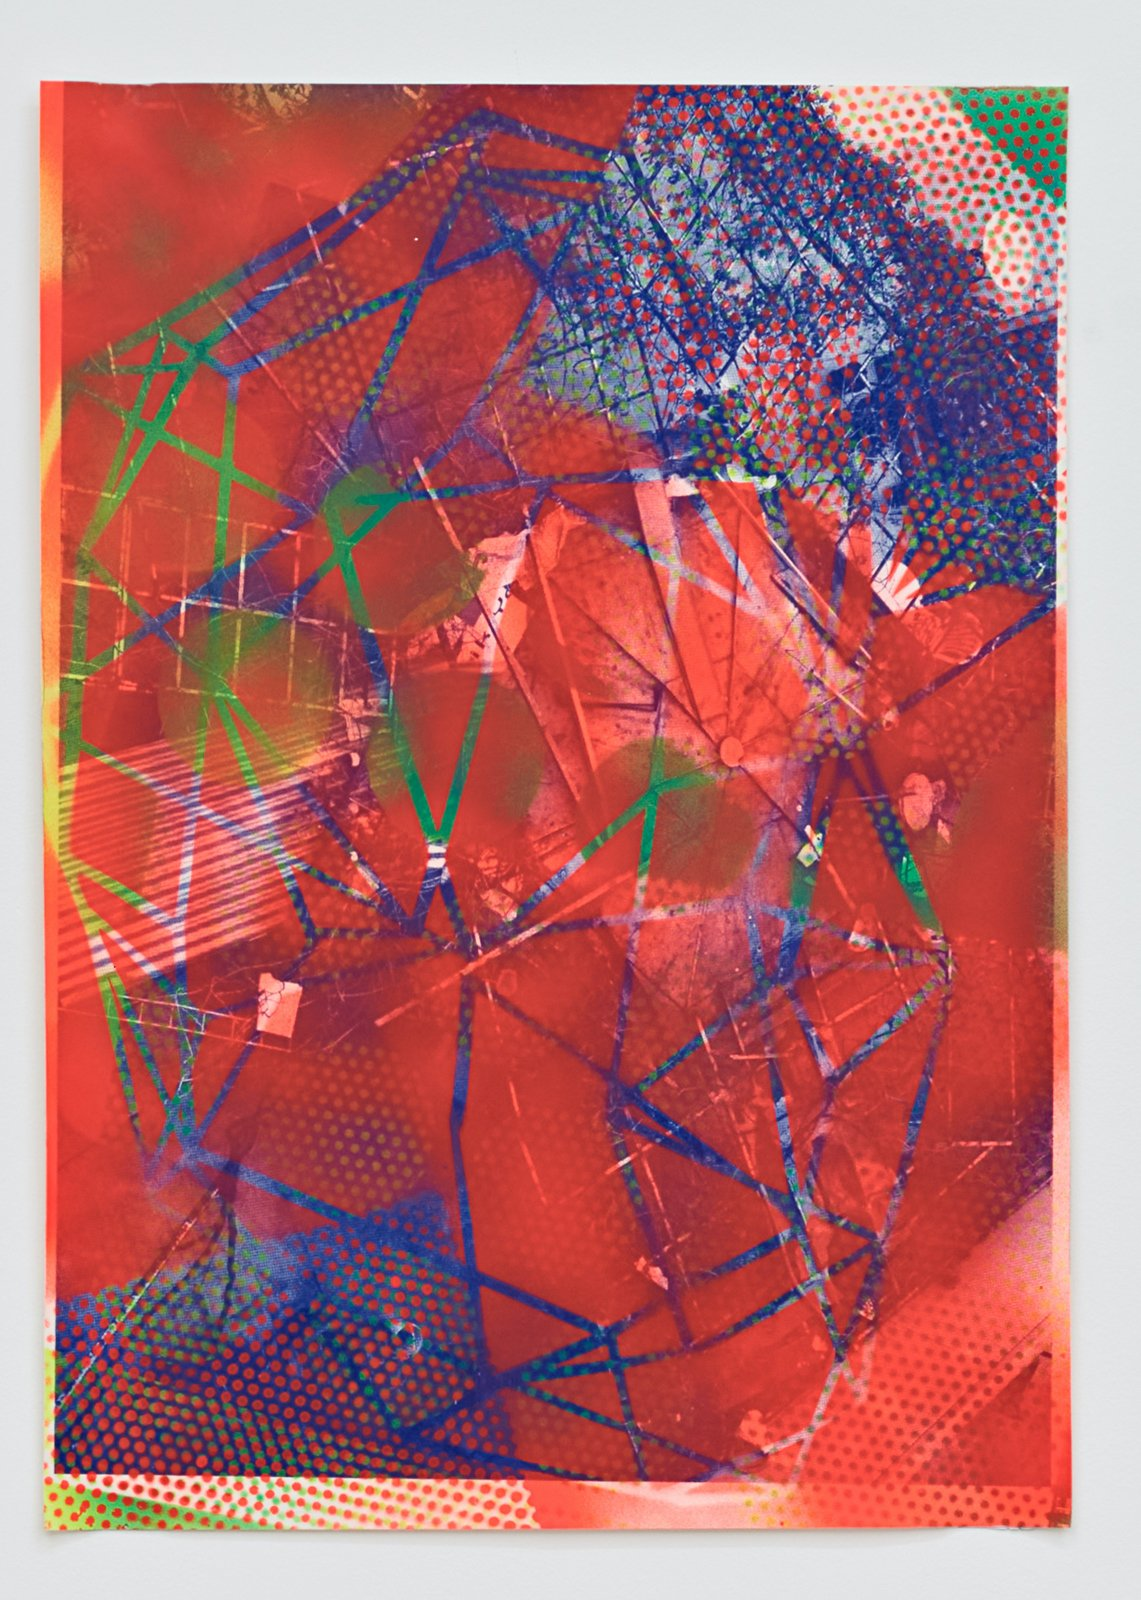 brain, Stambul market (red)